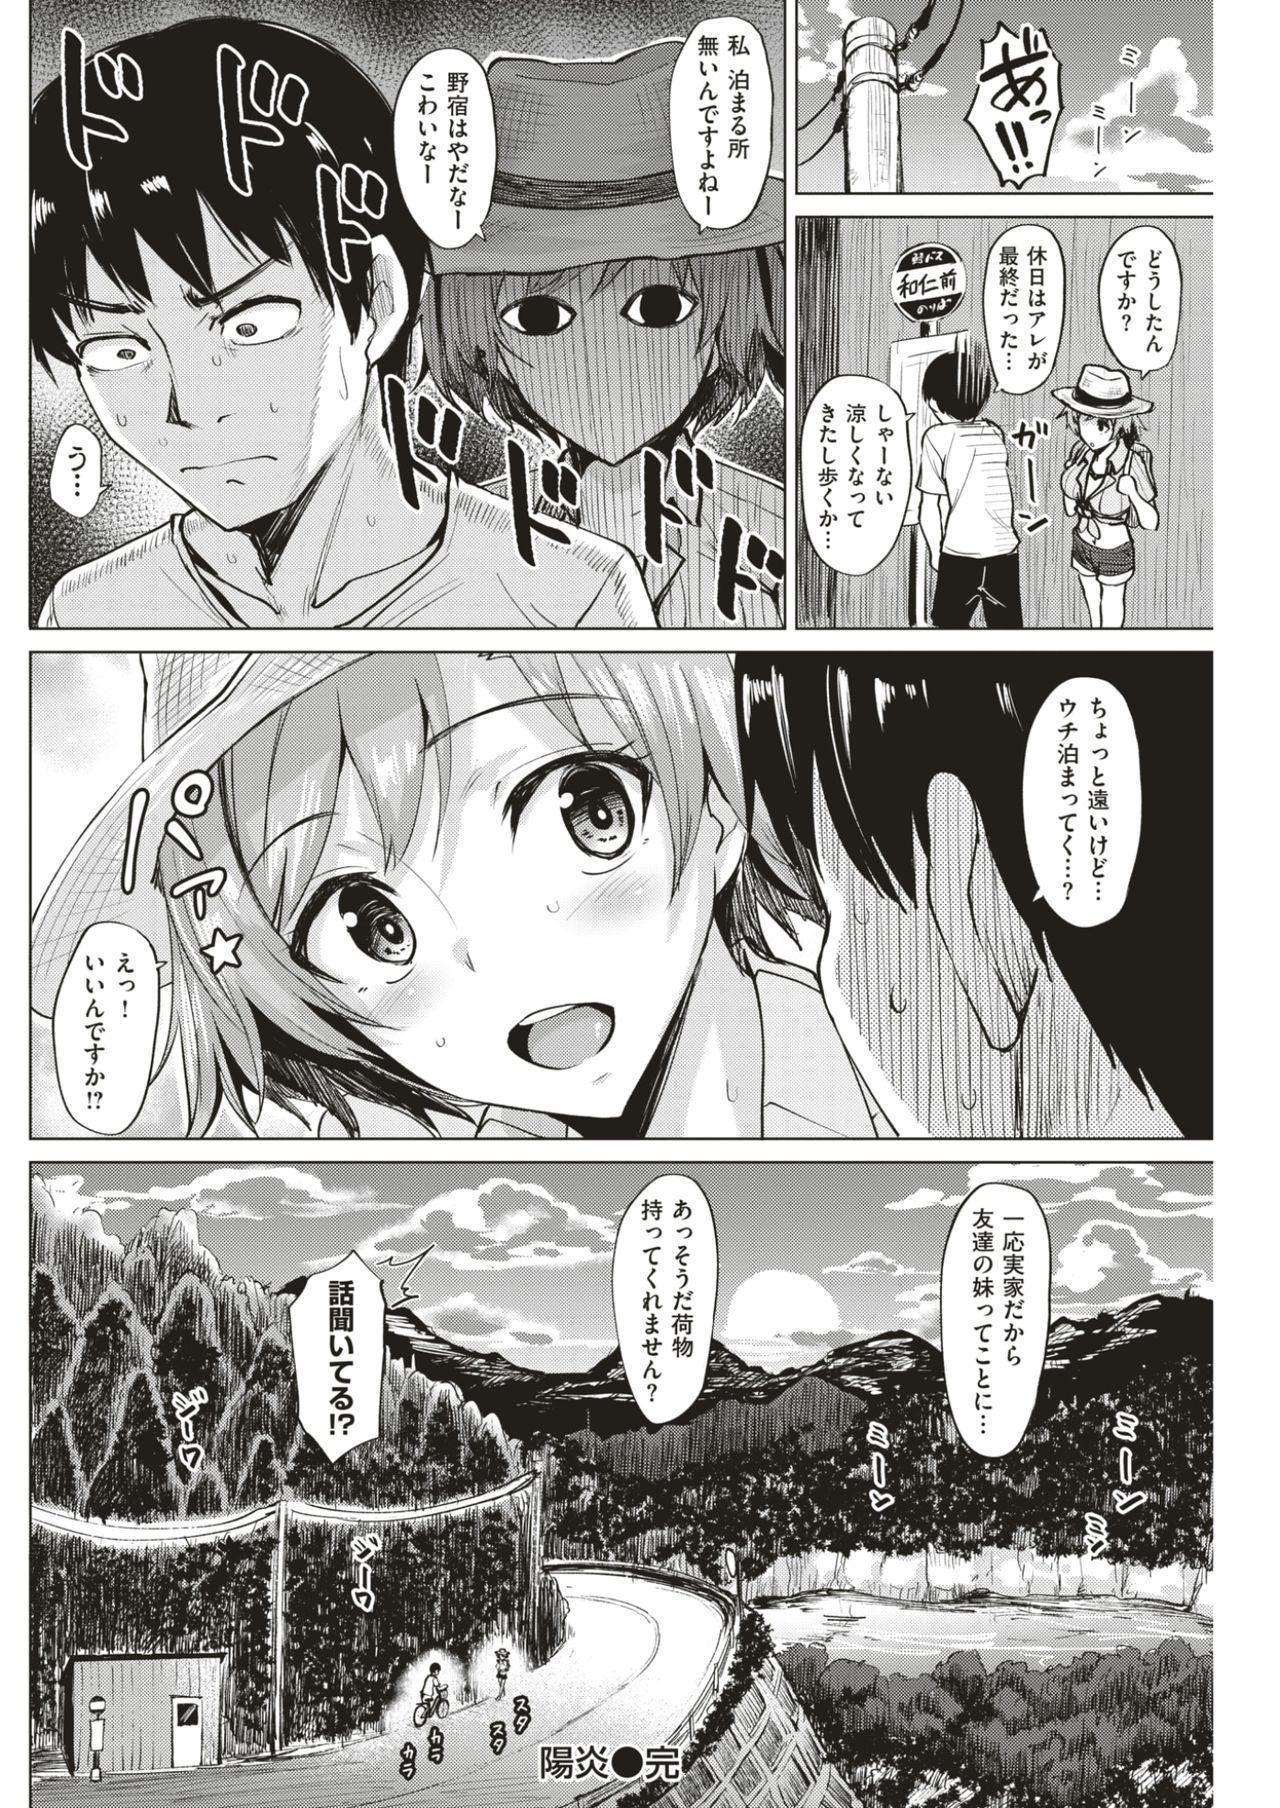 COMIC Kairakuten BEAST 2017-07 176